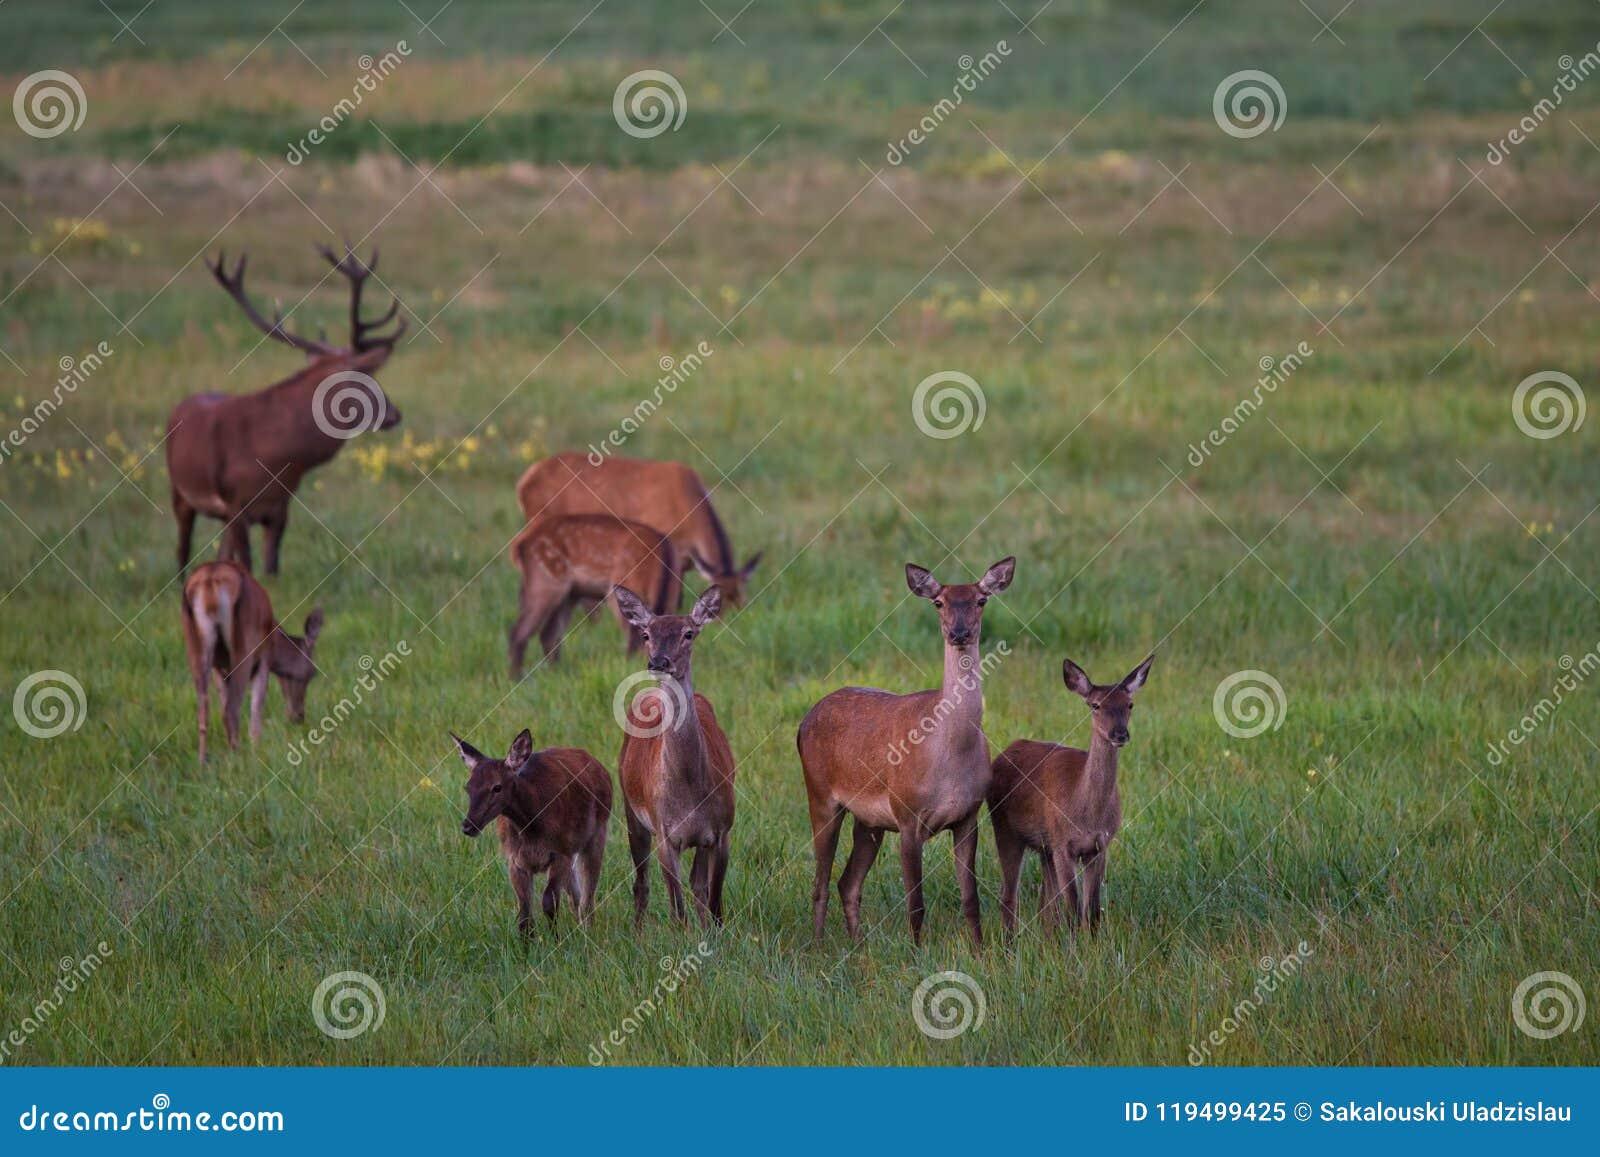 Stado Szlachetny Jeleni Cervidae Pasa Na Zielonej łące Z Dandelions Osiem Różnych wieków Czerwony rogacz: Jeden jeleń I Siedem ko